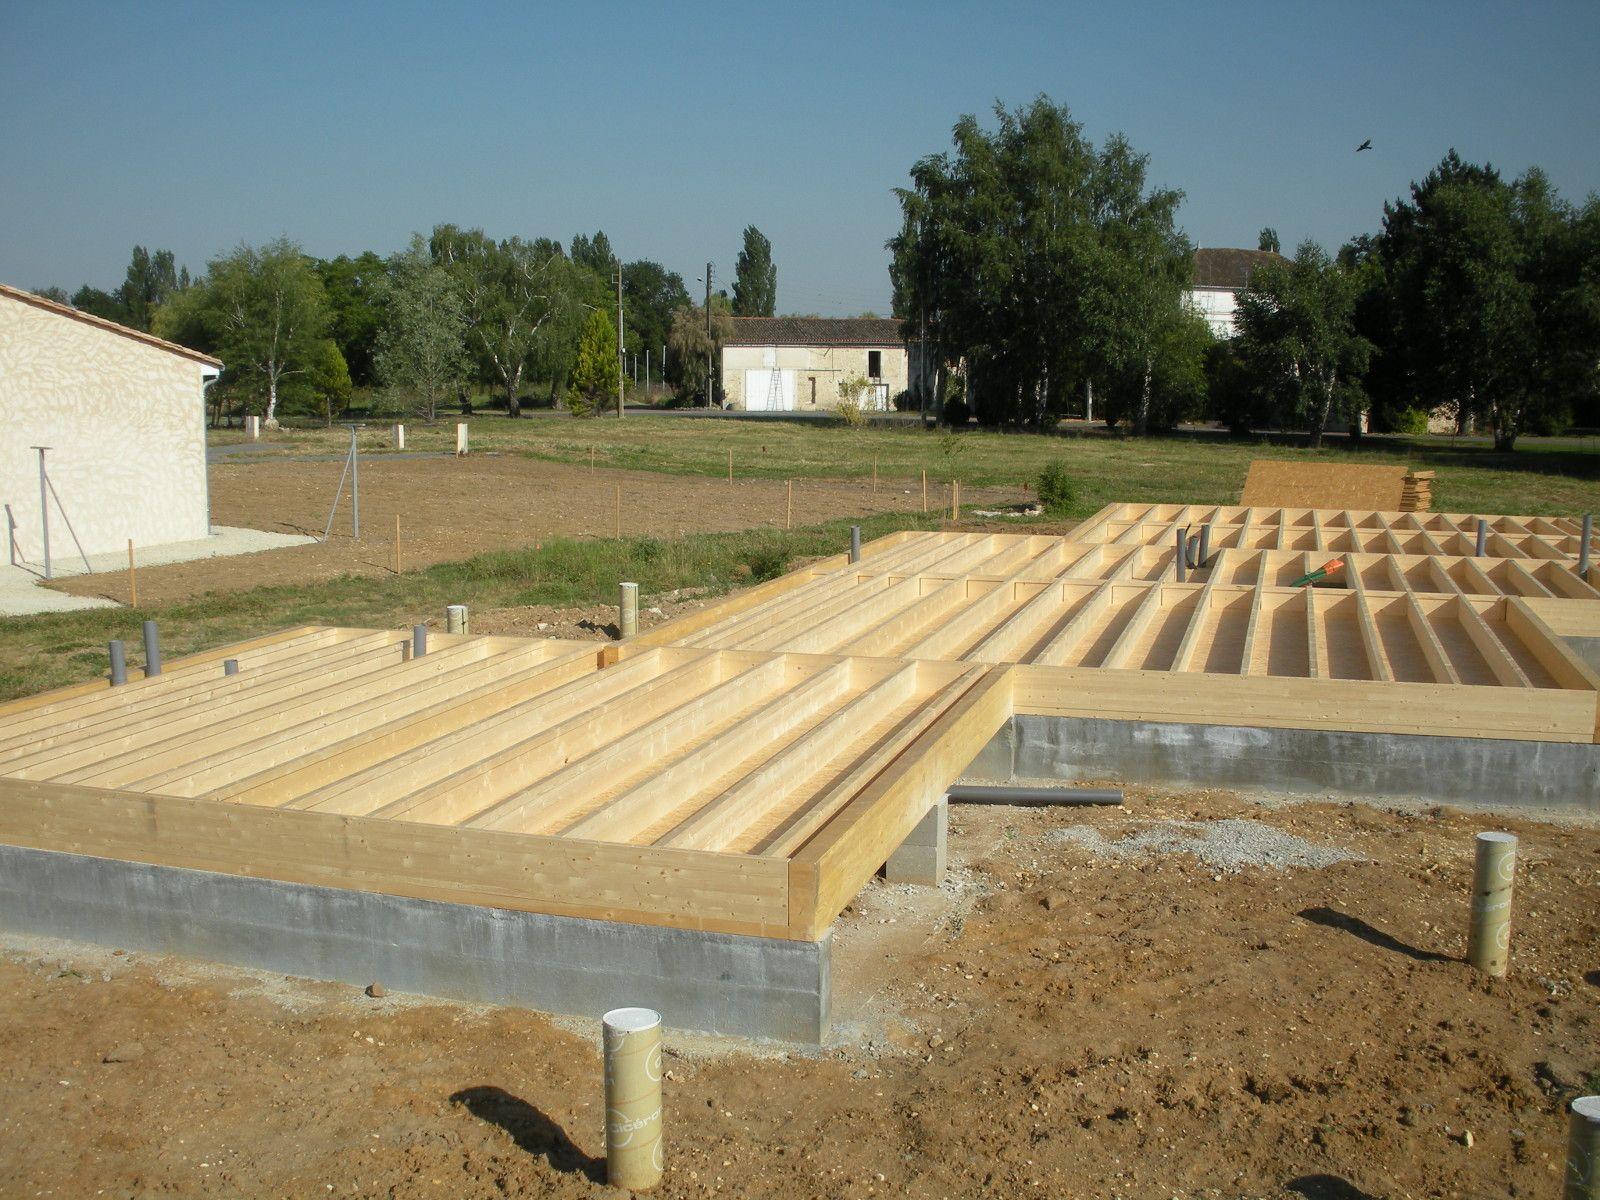 f1c617a546ca880729214a9c76961044 Unique De Plancher Abri De Jardin Des Idées